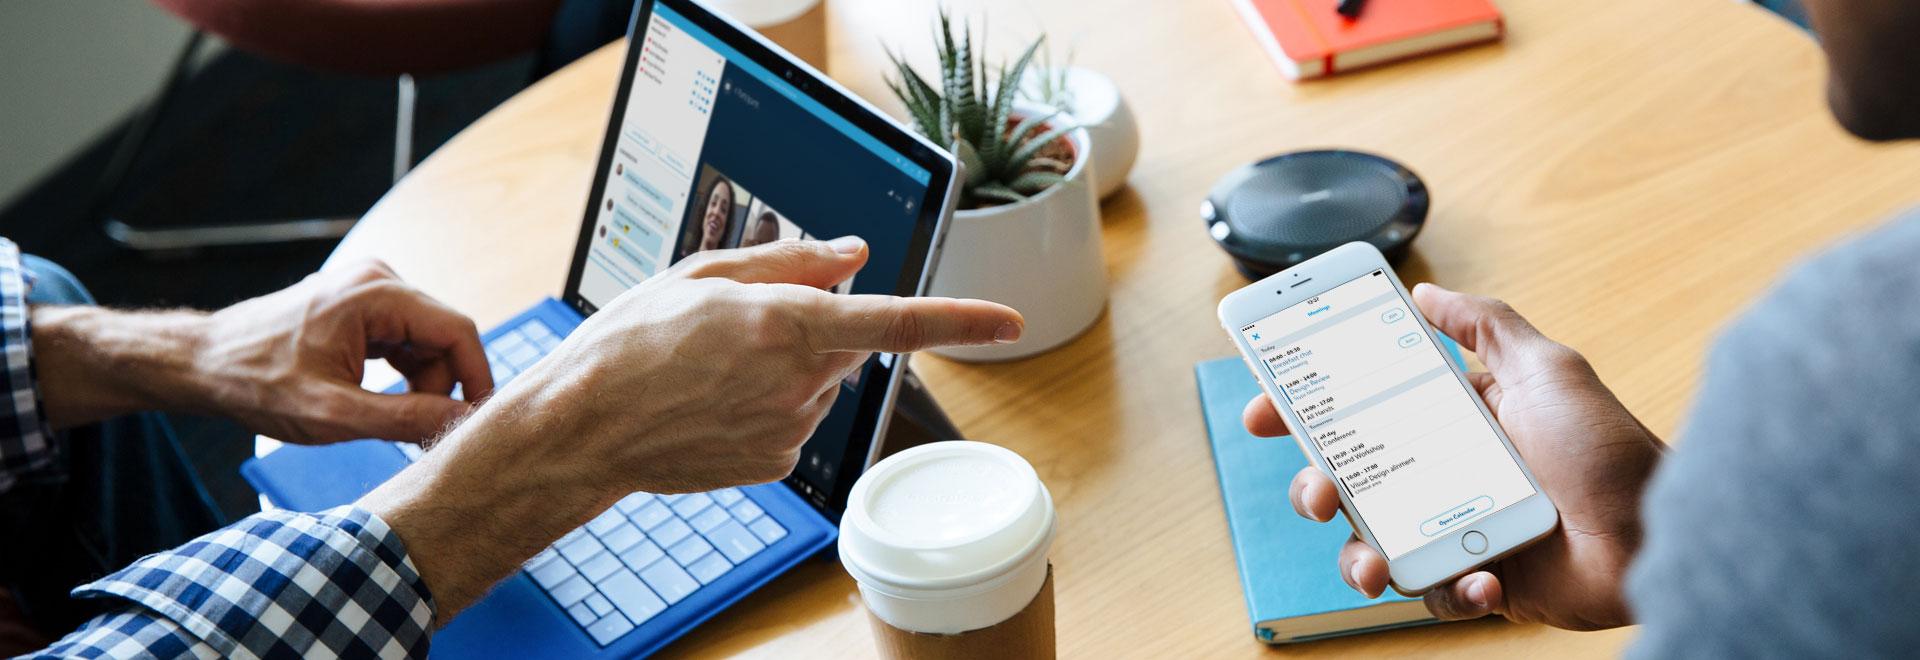 Deux personnes assises à un bureau, l'une avec un téléphone et l'autre avec un ordinateur portable utilisant Skype Entreprise